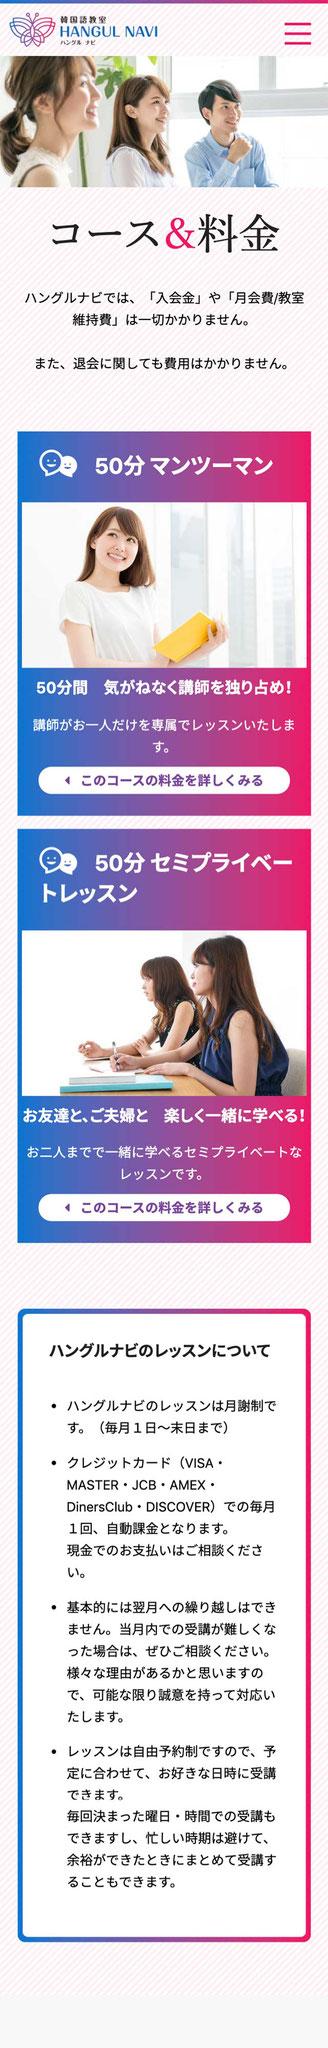 「コース&料金」ページのモバイル表示1